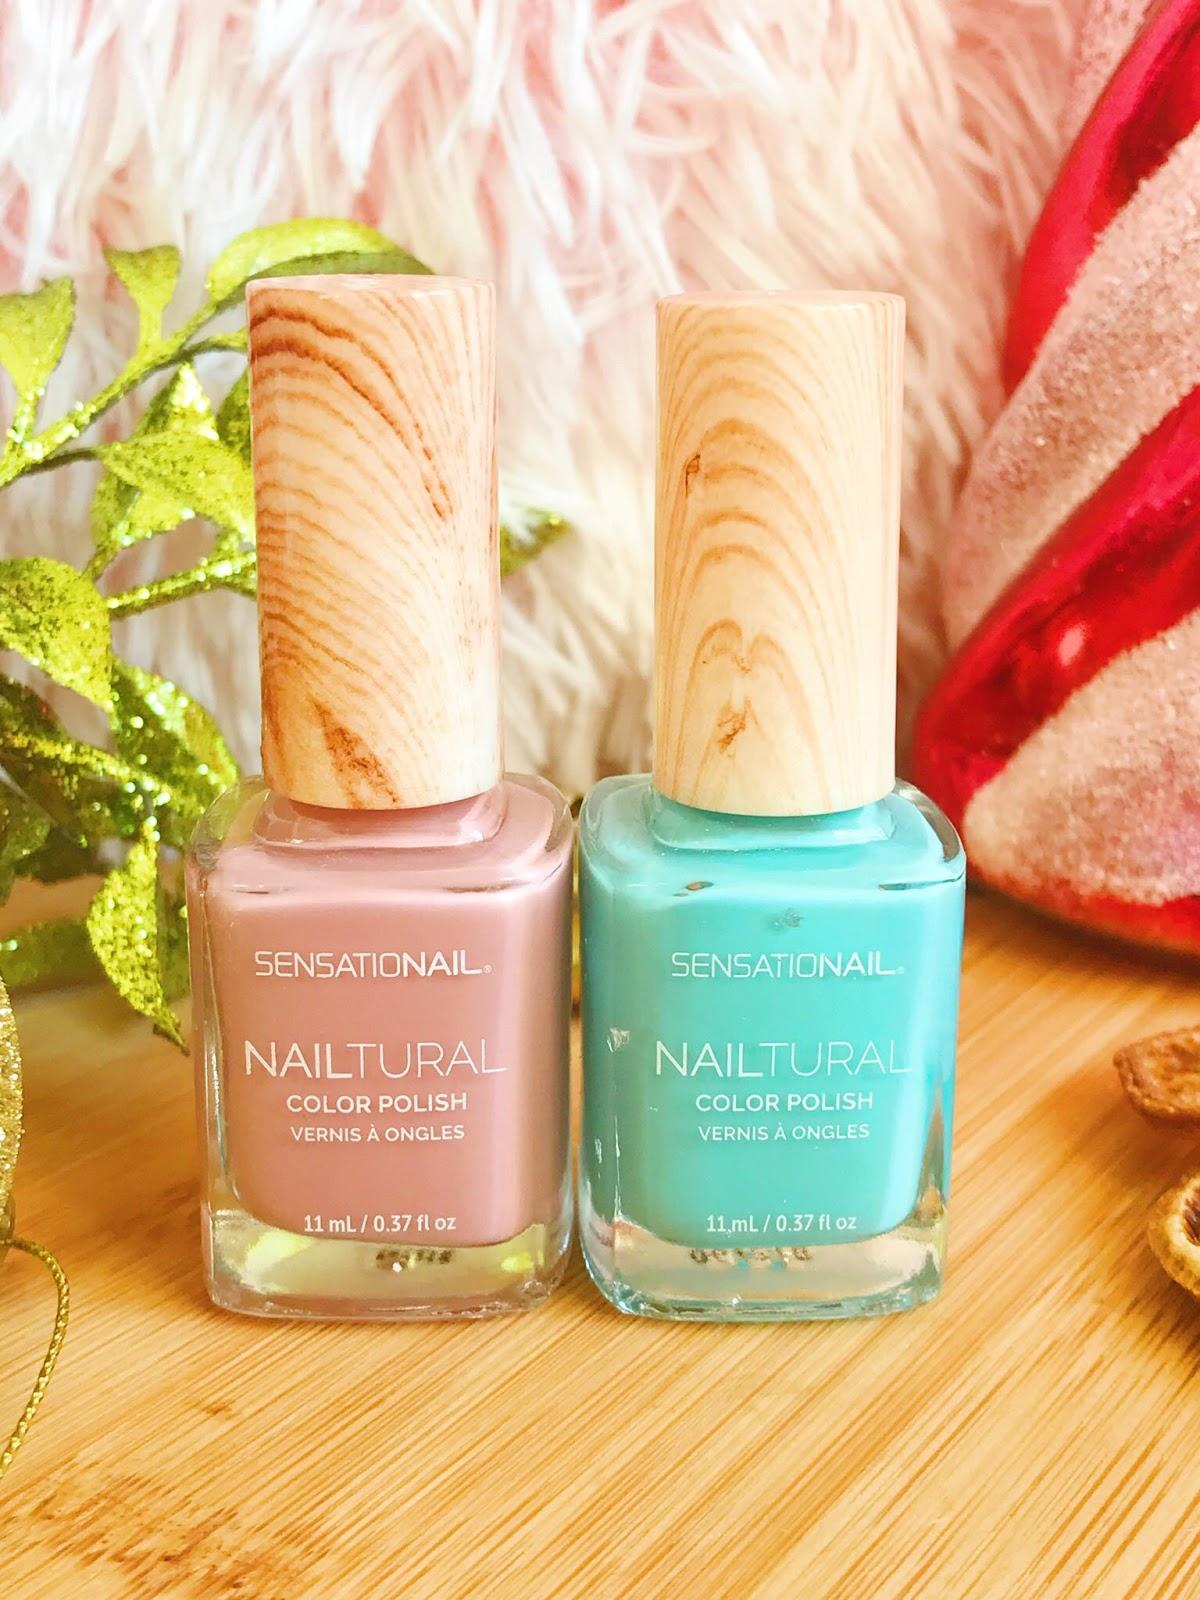 Sensationail nail polishes - pink and blue